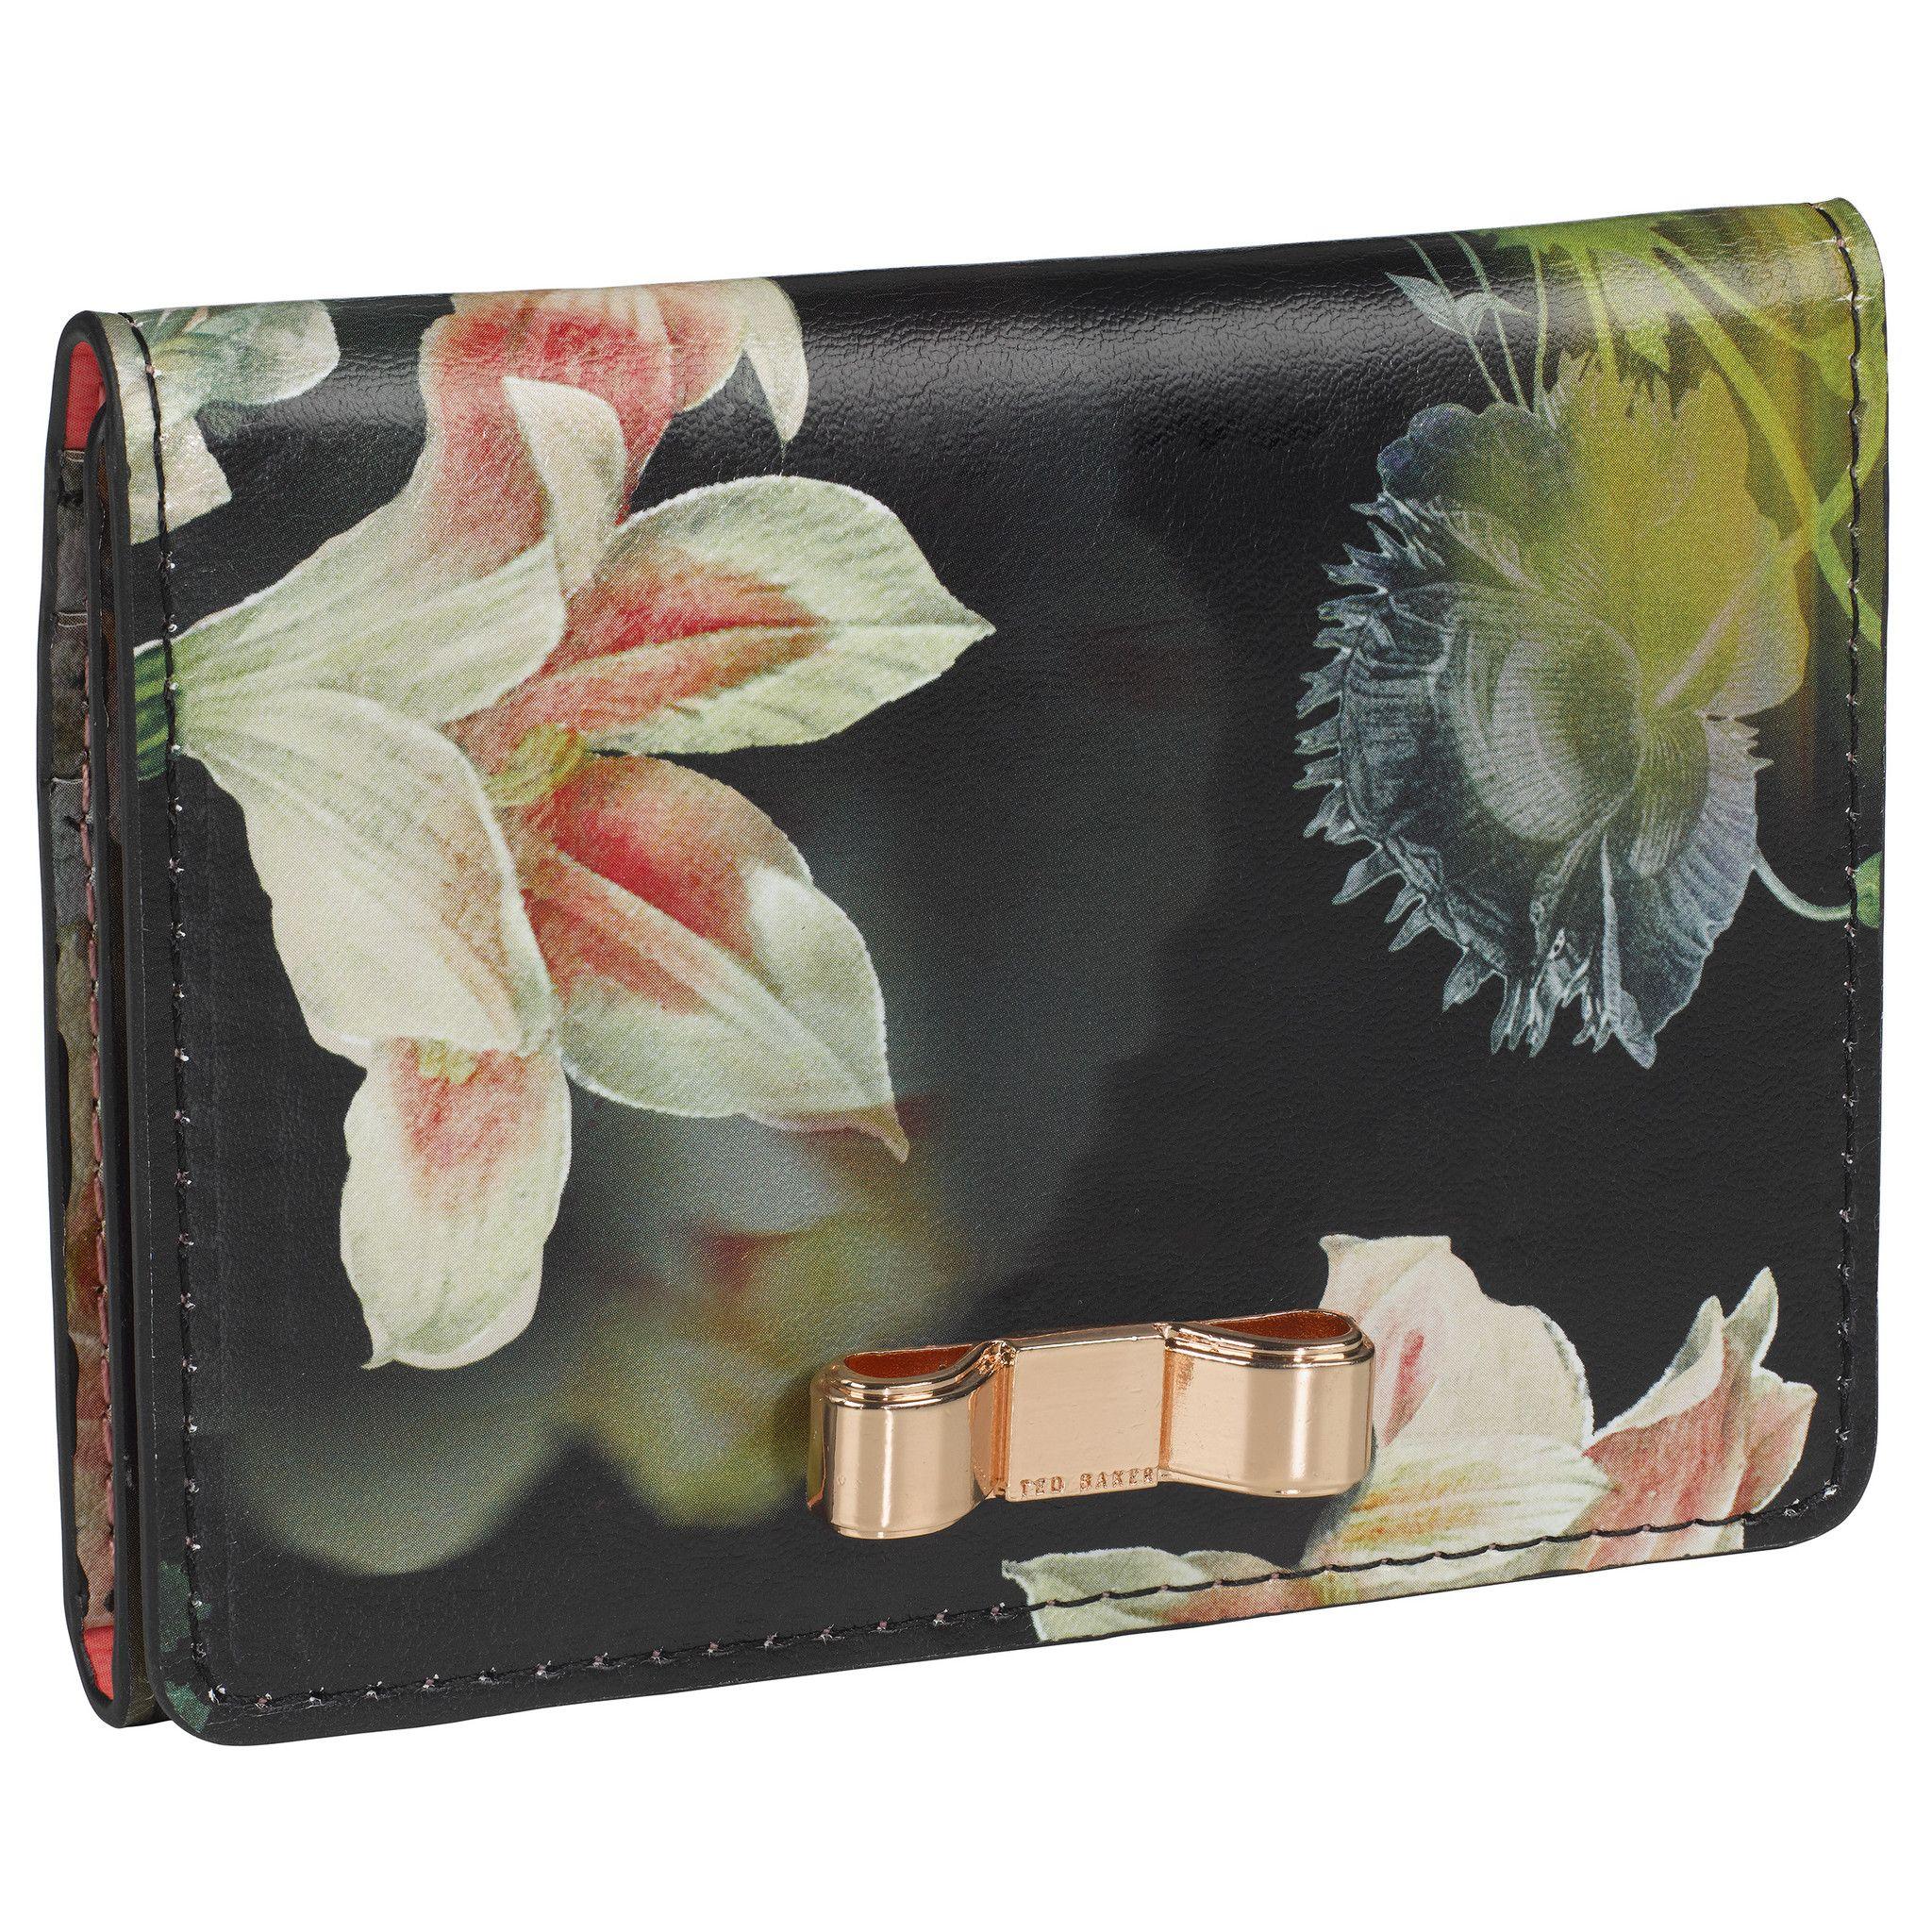 Ted Baker Opulent Bloom Travel Credit Card Holder Mirror – Lush Labels